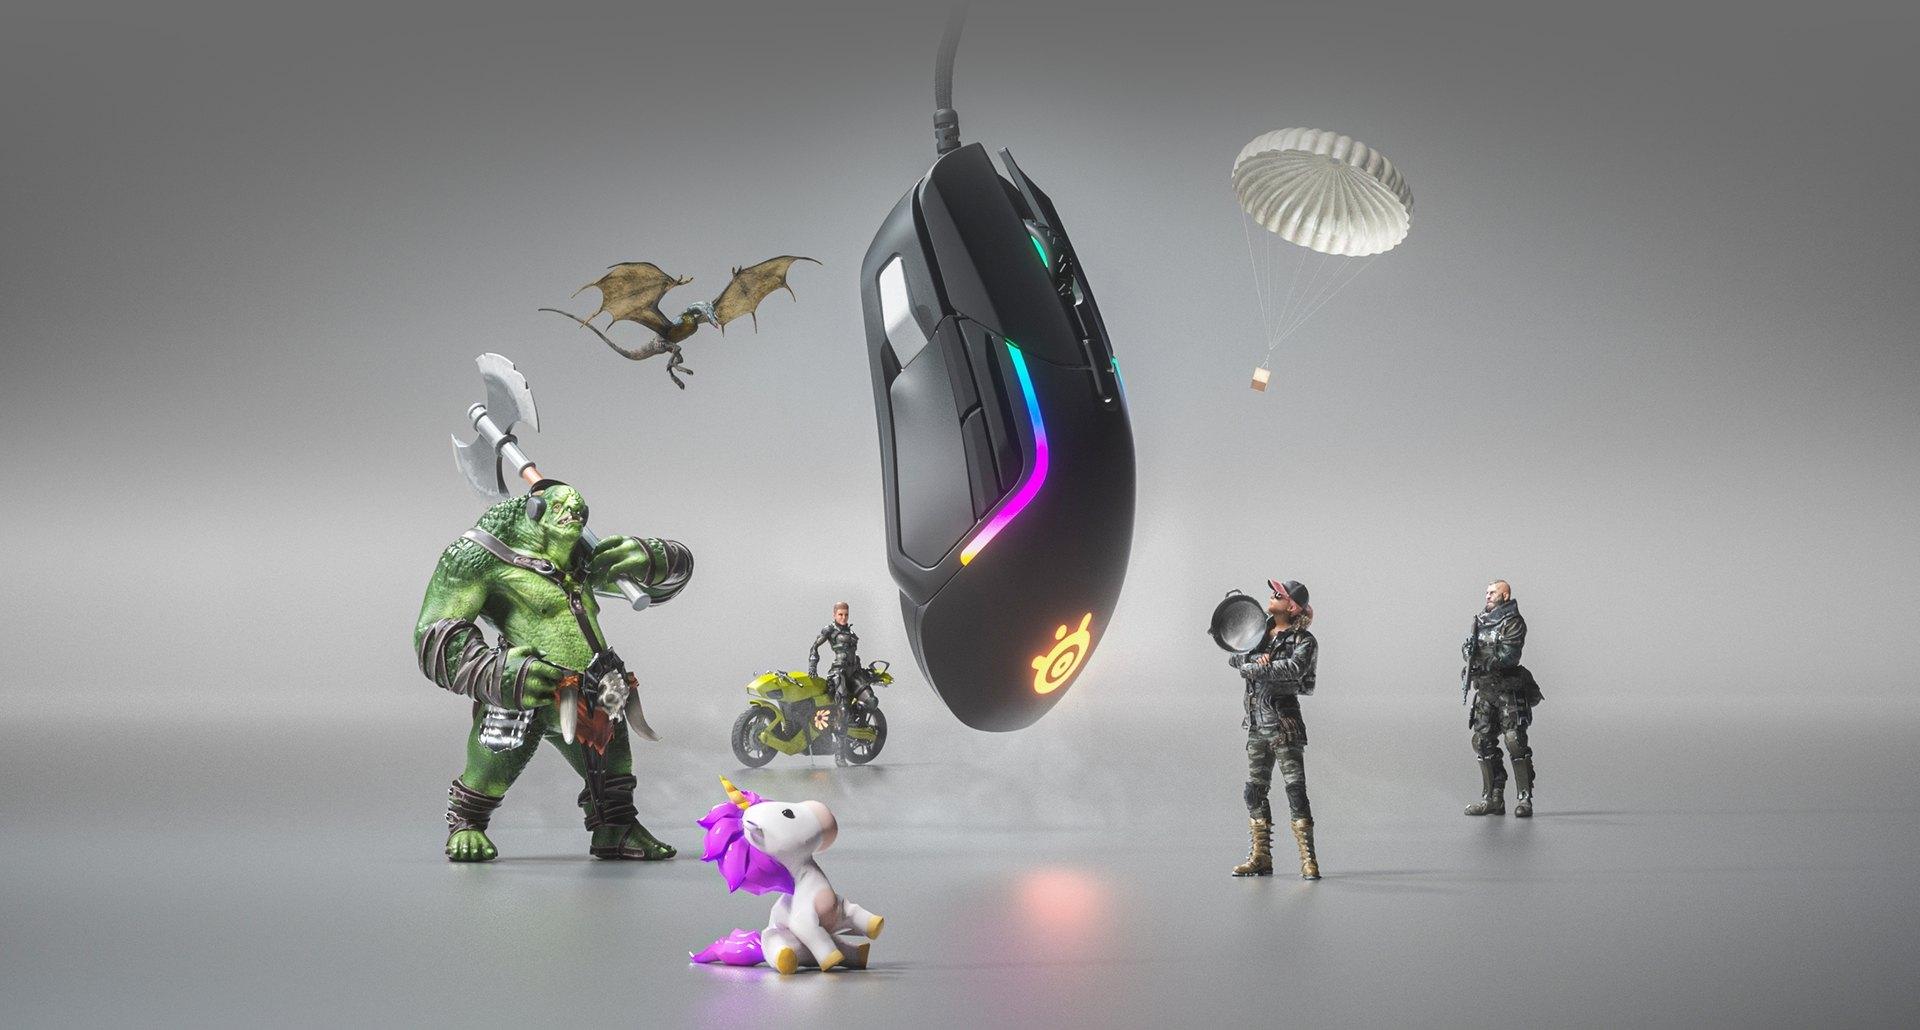 Lars-peikko ja eri hahmot kokoontuvat yläpuolella leijuvan suuren Rival 5 -hiiren kohdalle.